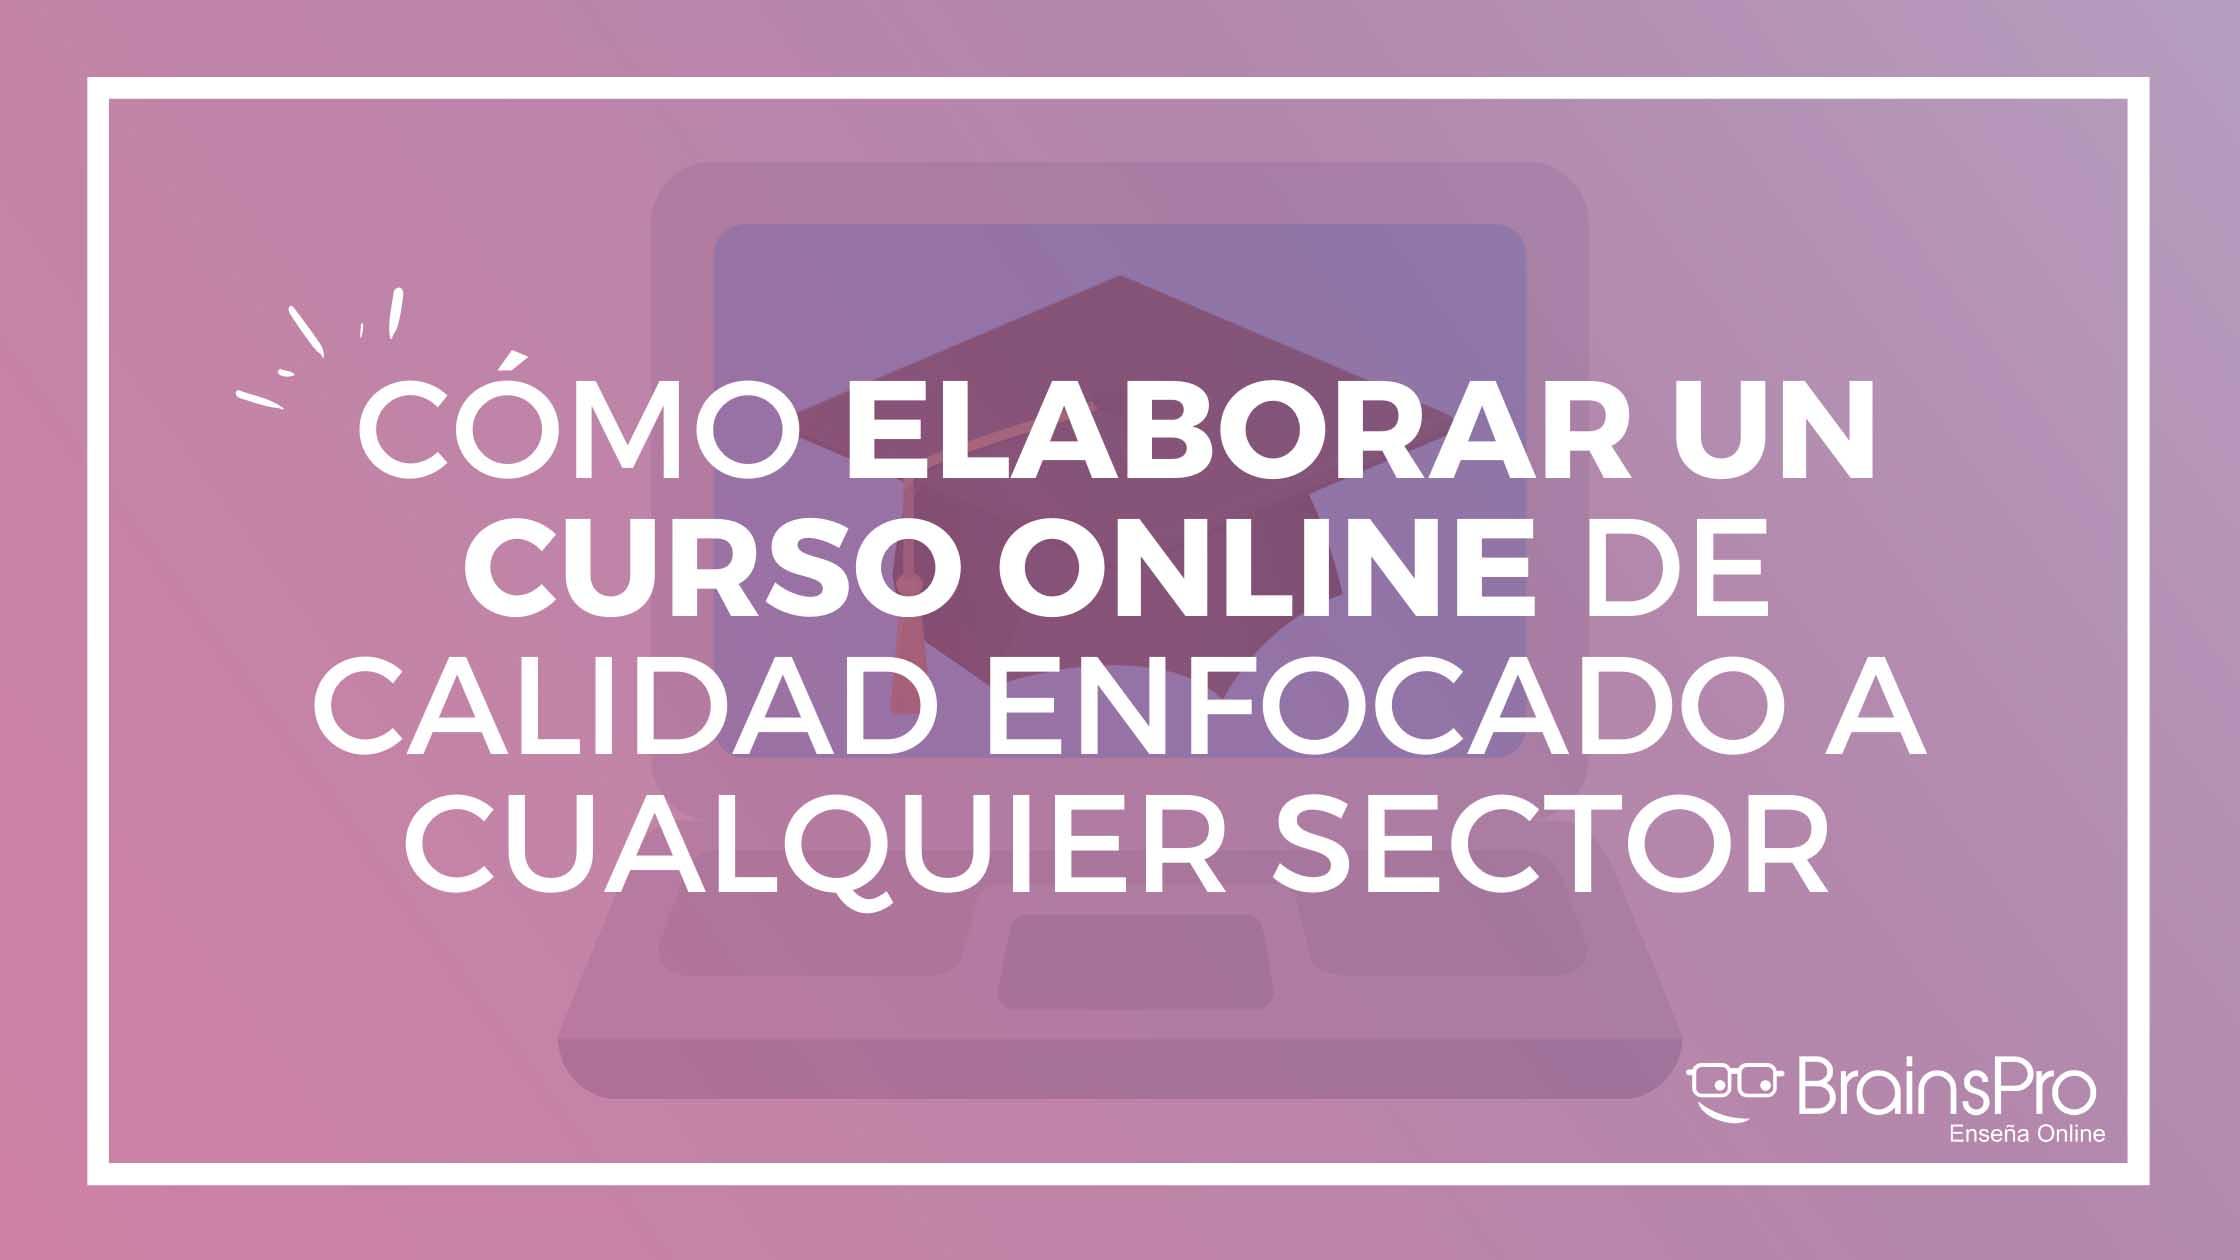 Aprende a elaborar un curso online de calidad